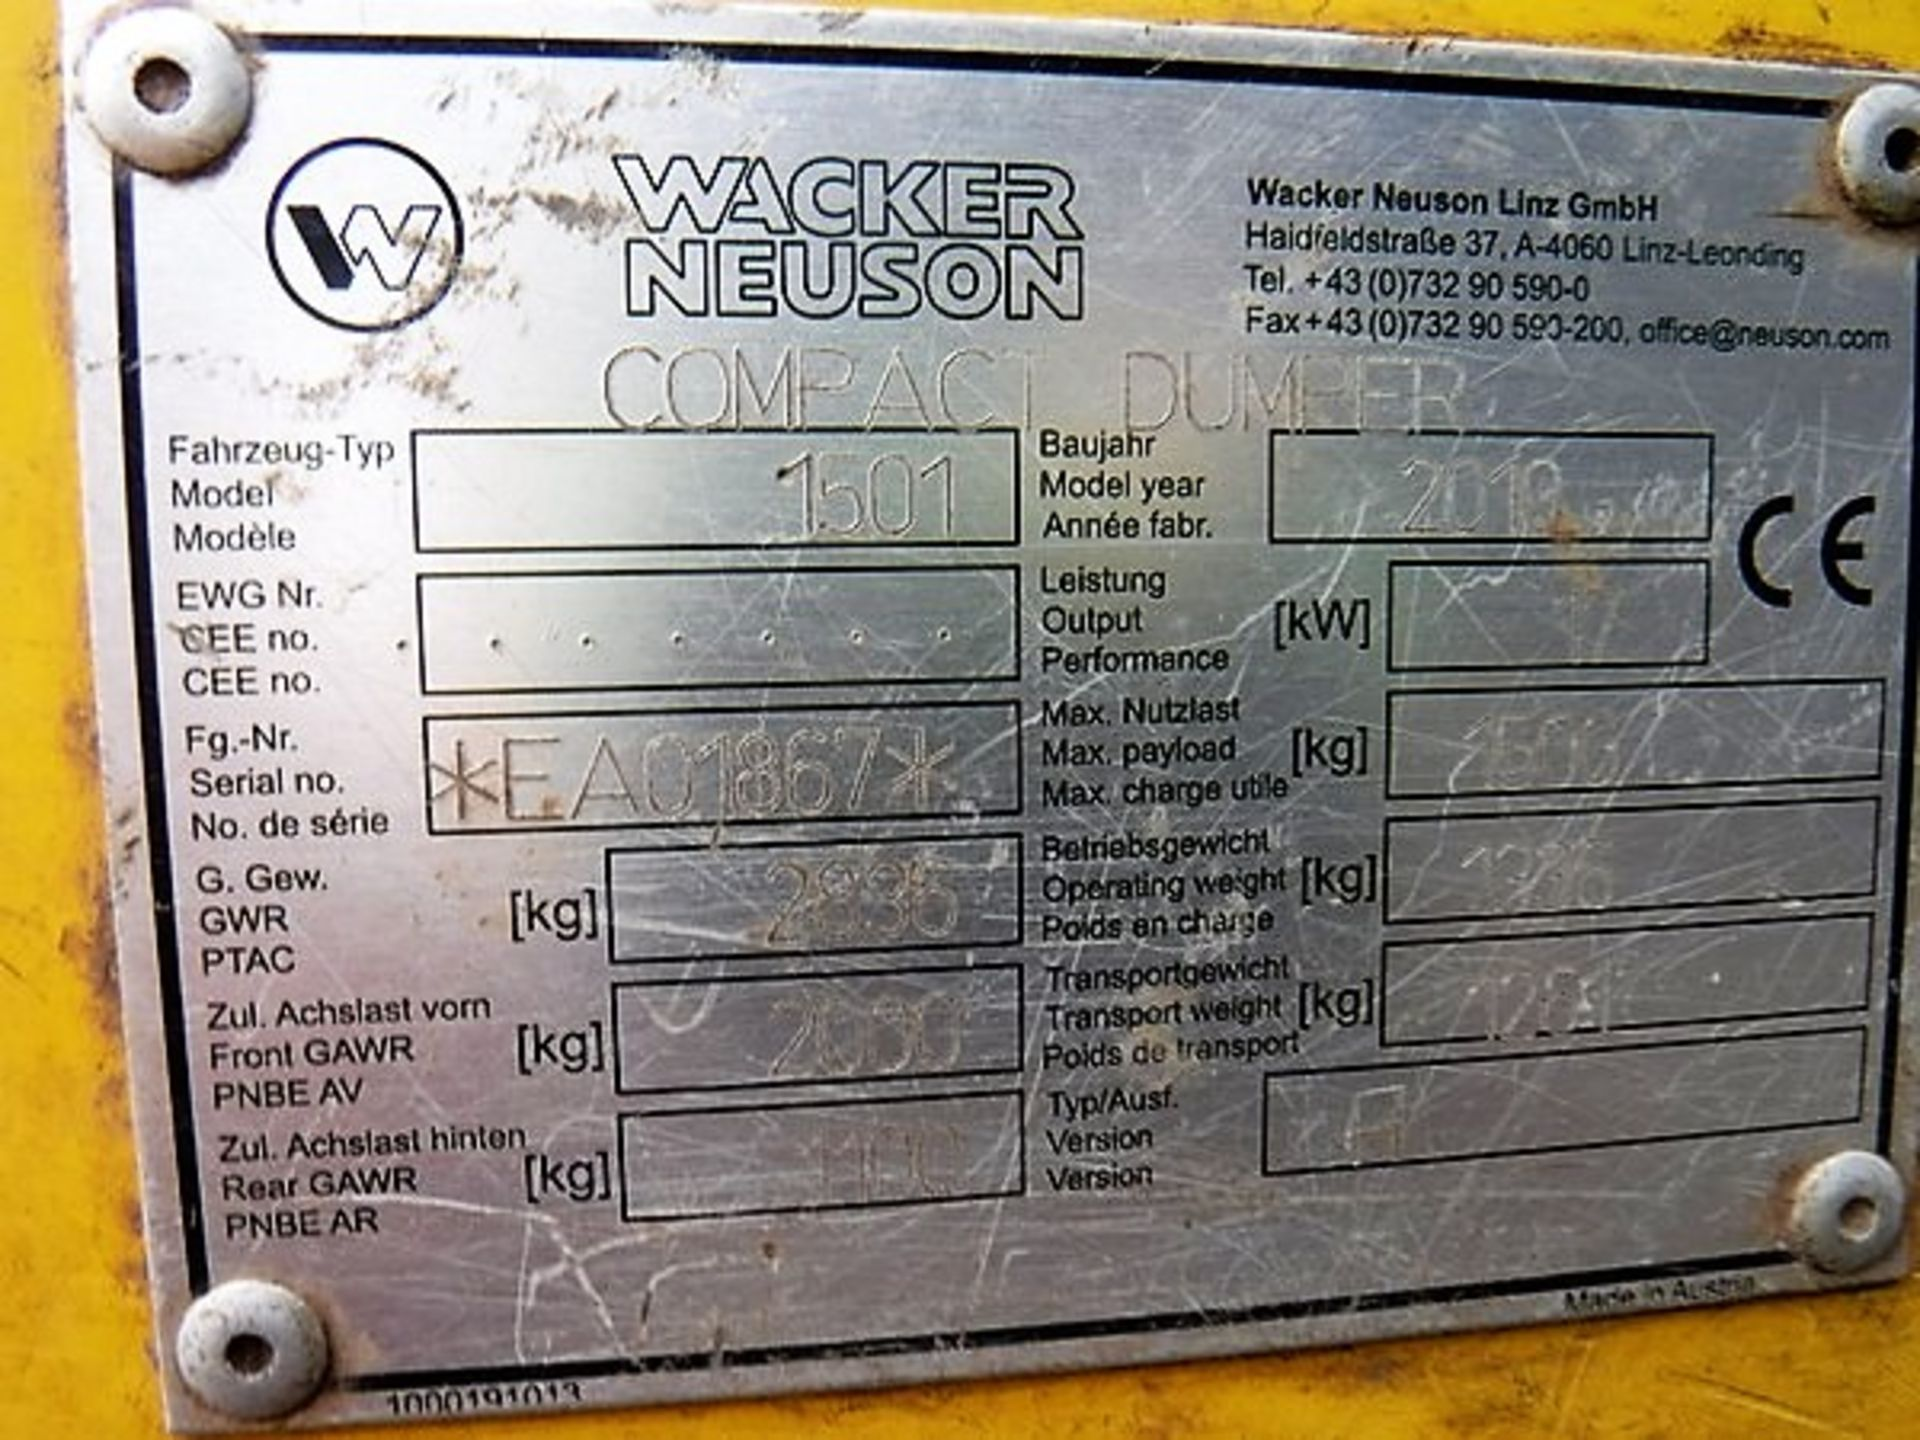 Auktionslos 834 - WACKER NEUSON 1501 HITIP DUMPER